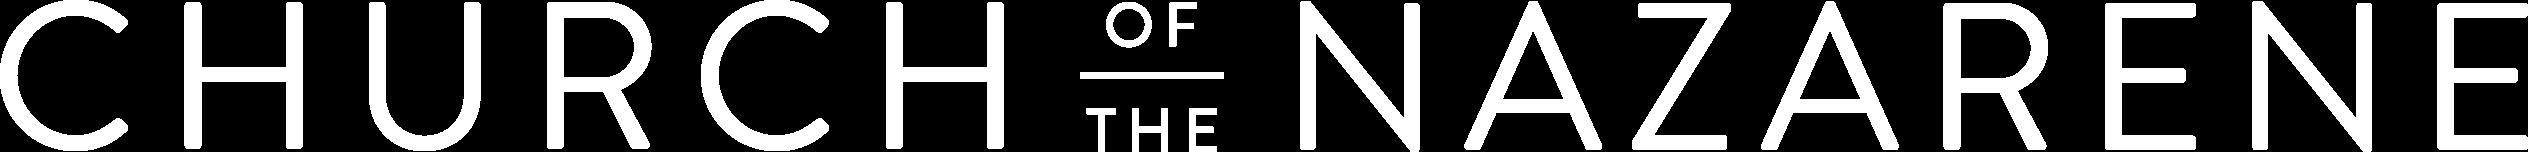 http://production.nazarene.org/sites/default/files/revslider/image/LOGO.png